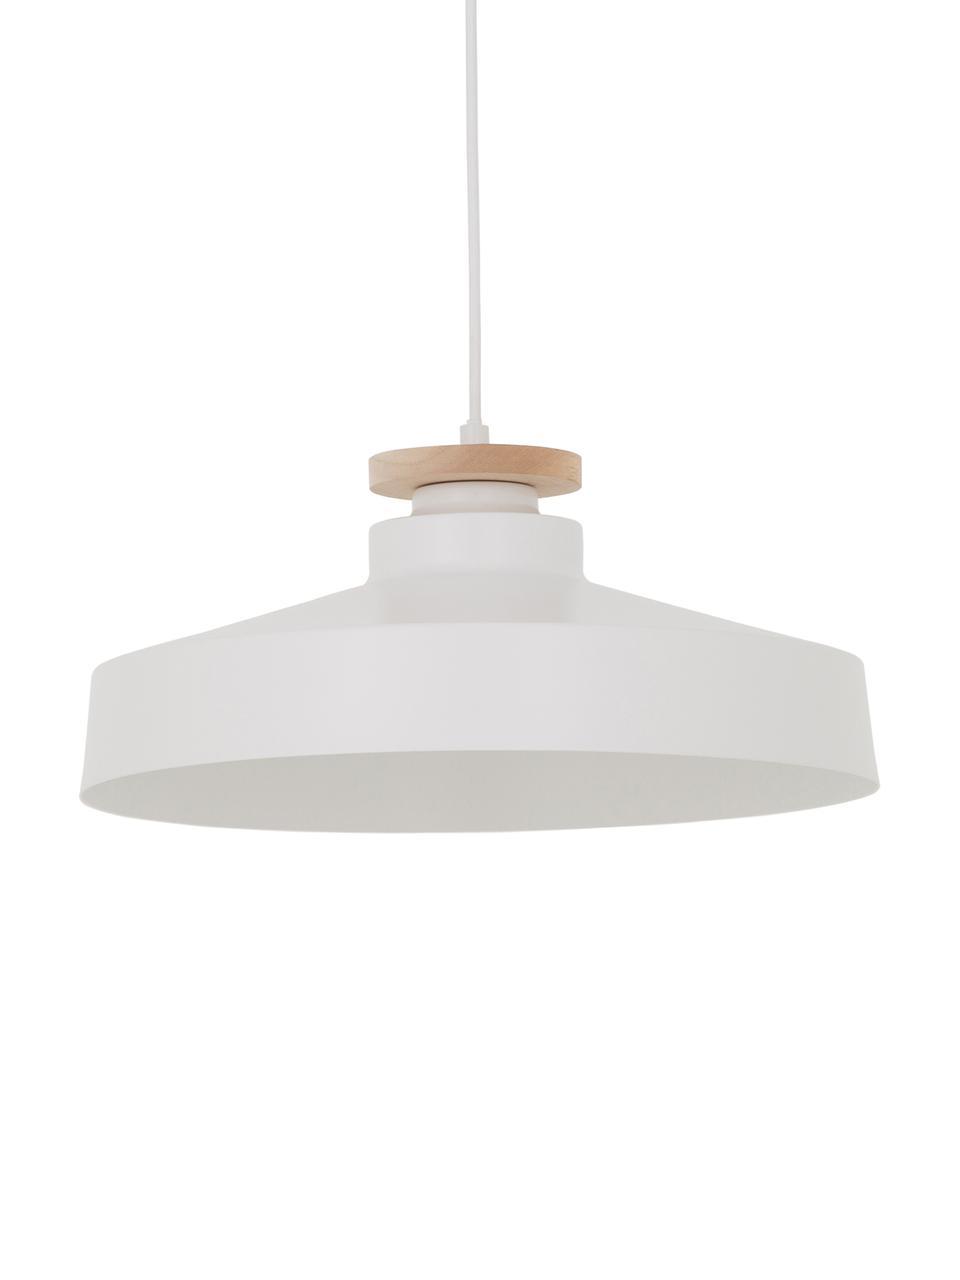 Lampada a sospensione stile nordico Malmö, Paralume: metallo, legno, Baldacchino: metallo, Bianco, Ø 40 x Alt. 20 cm